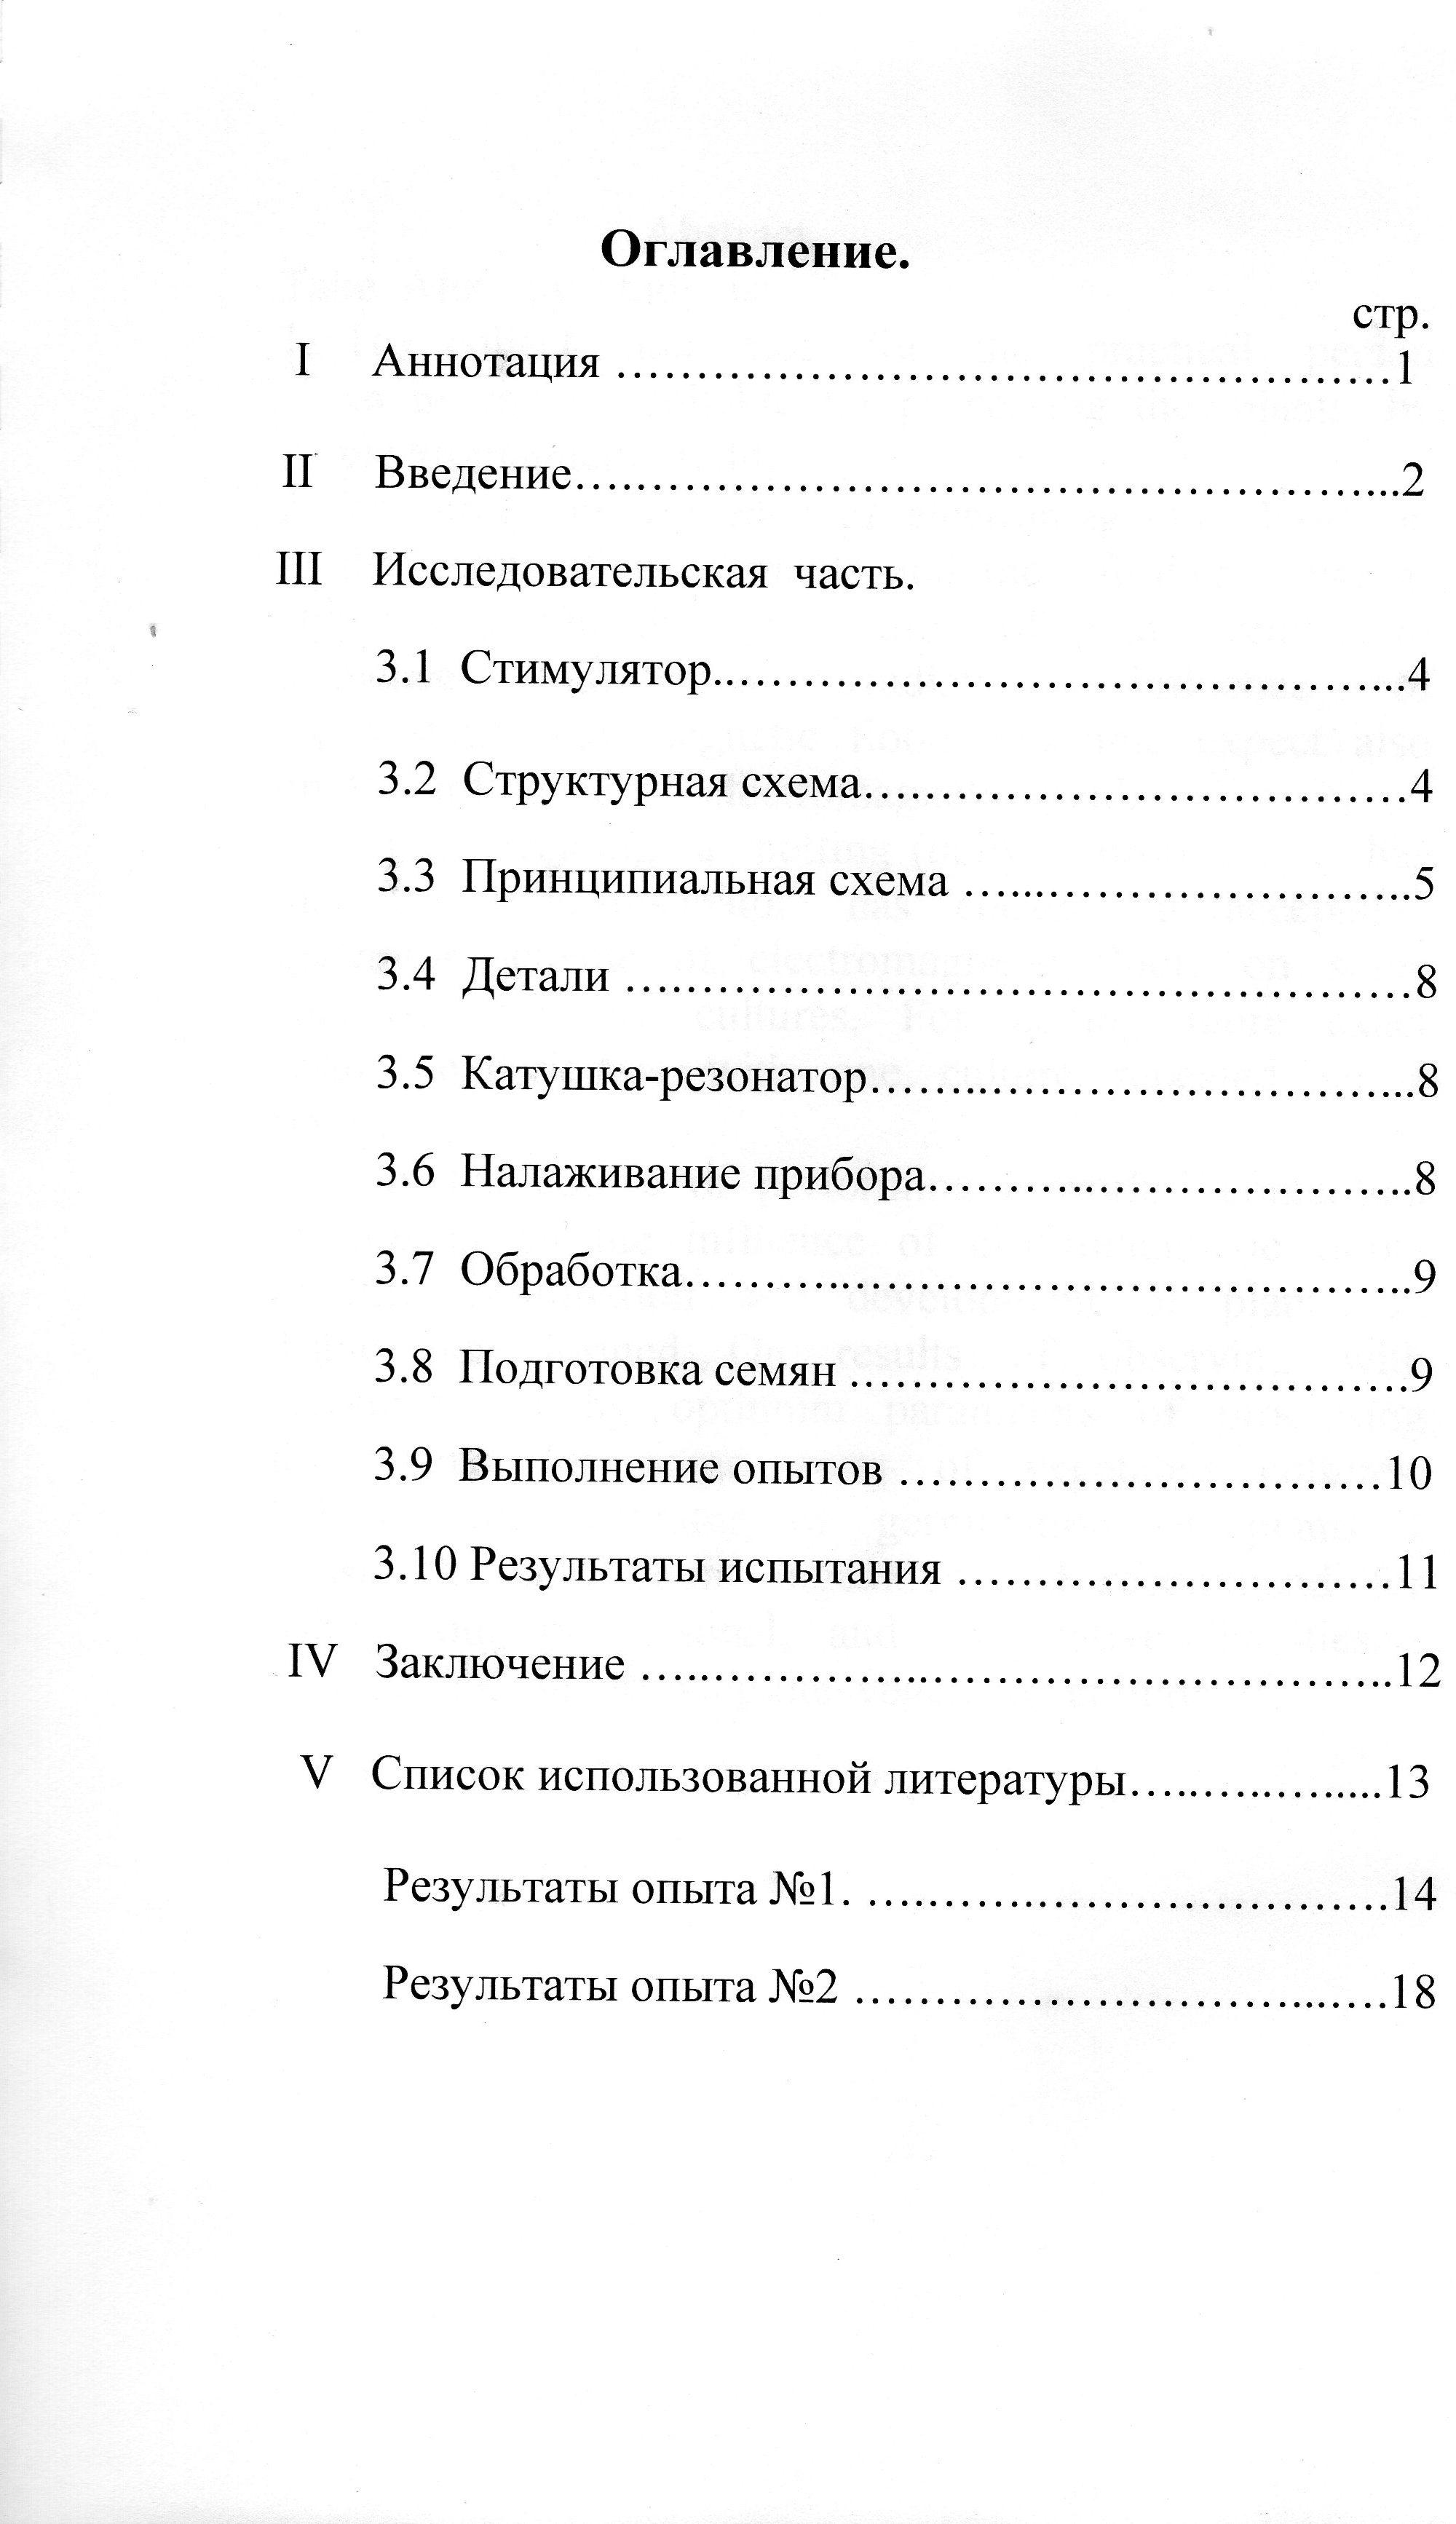 D:\Documents and Settings\СЕРГЕЙ\Мои документы\Мои рисунки\img725.jpg